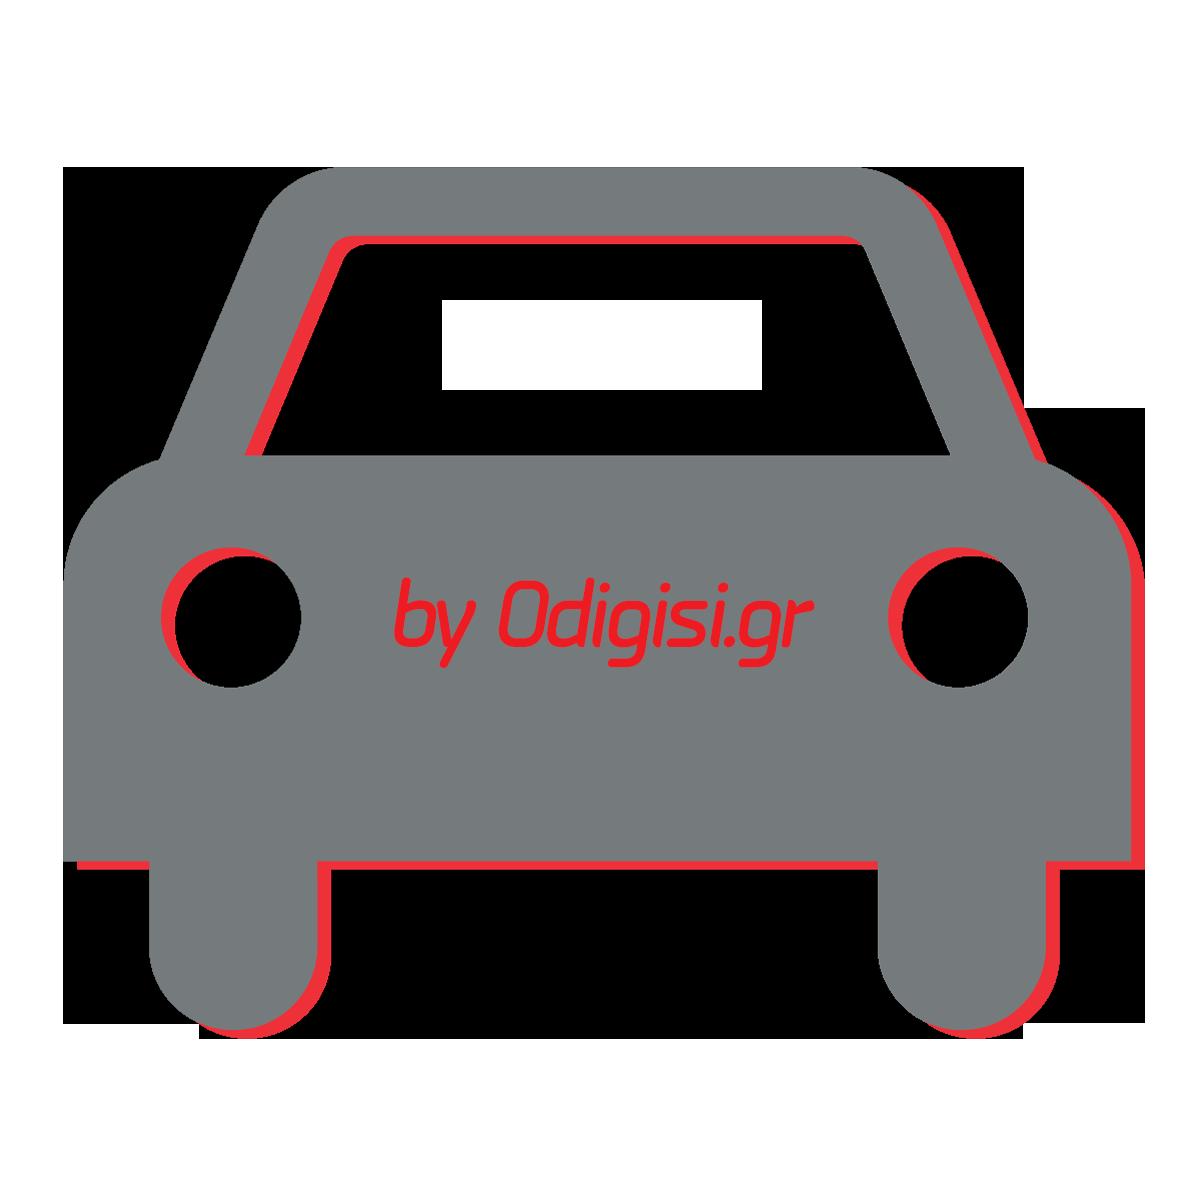 Σχολή Οδηγών Οδήγηση δίπλωμα αυτοκινήτου Β